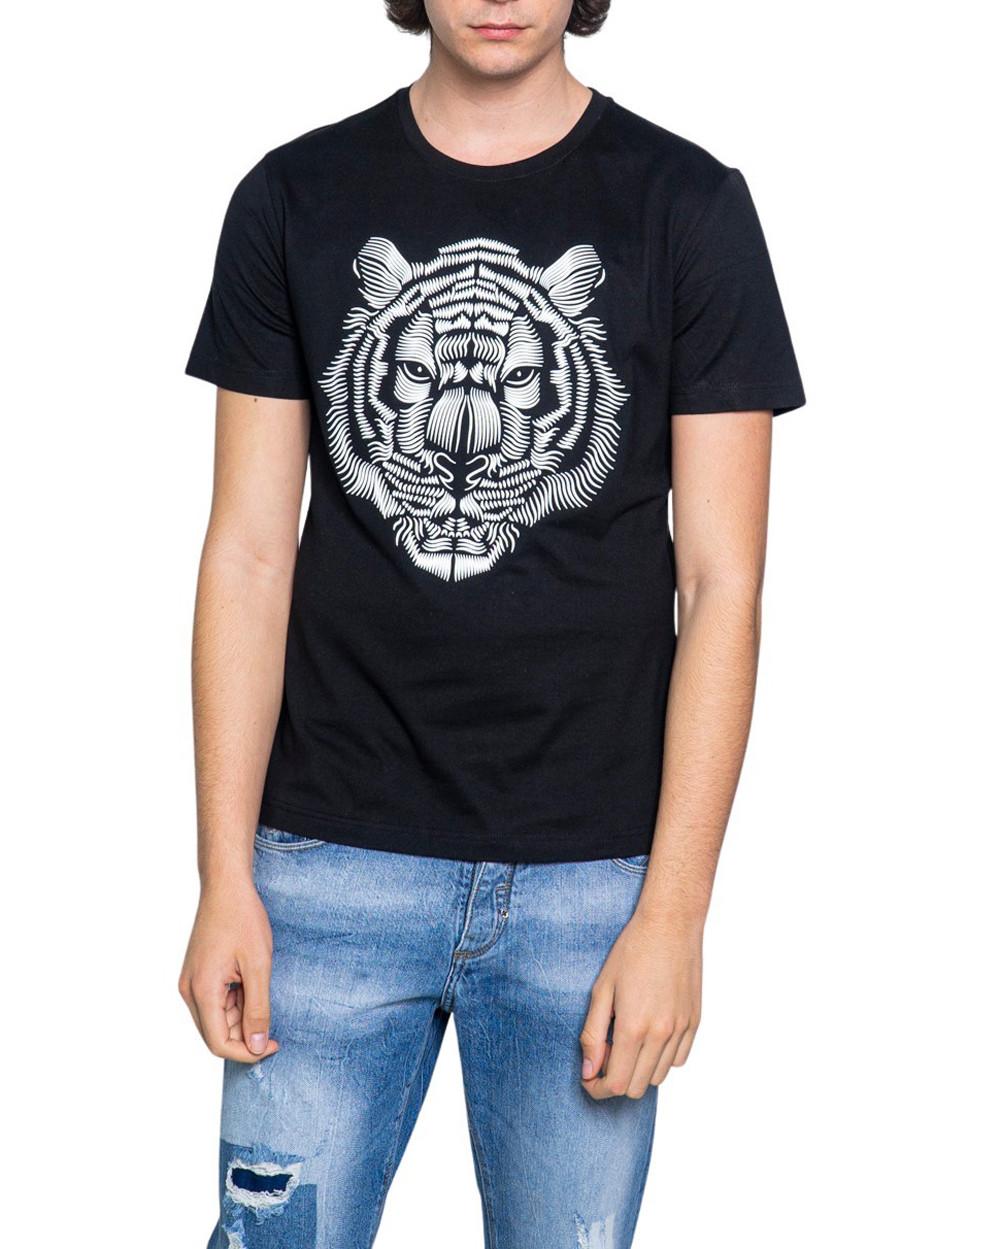 Marchio Antony Morato Genere Uomo Tipologia T-shirt Stagione Primavera/Esta…